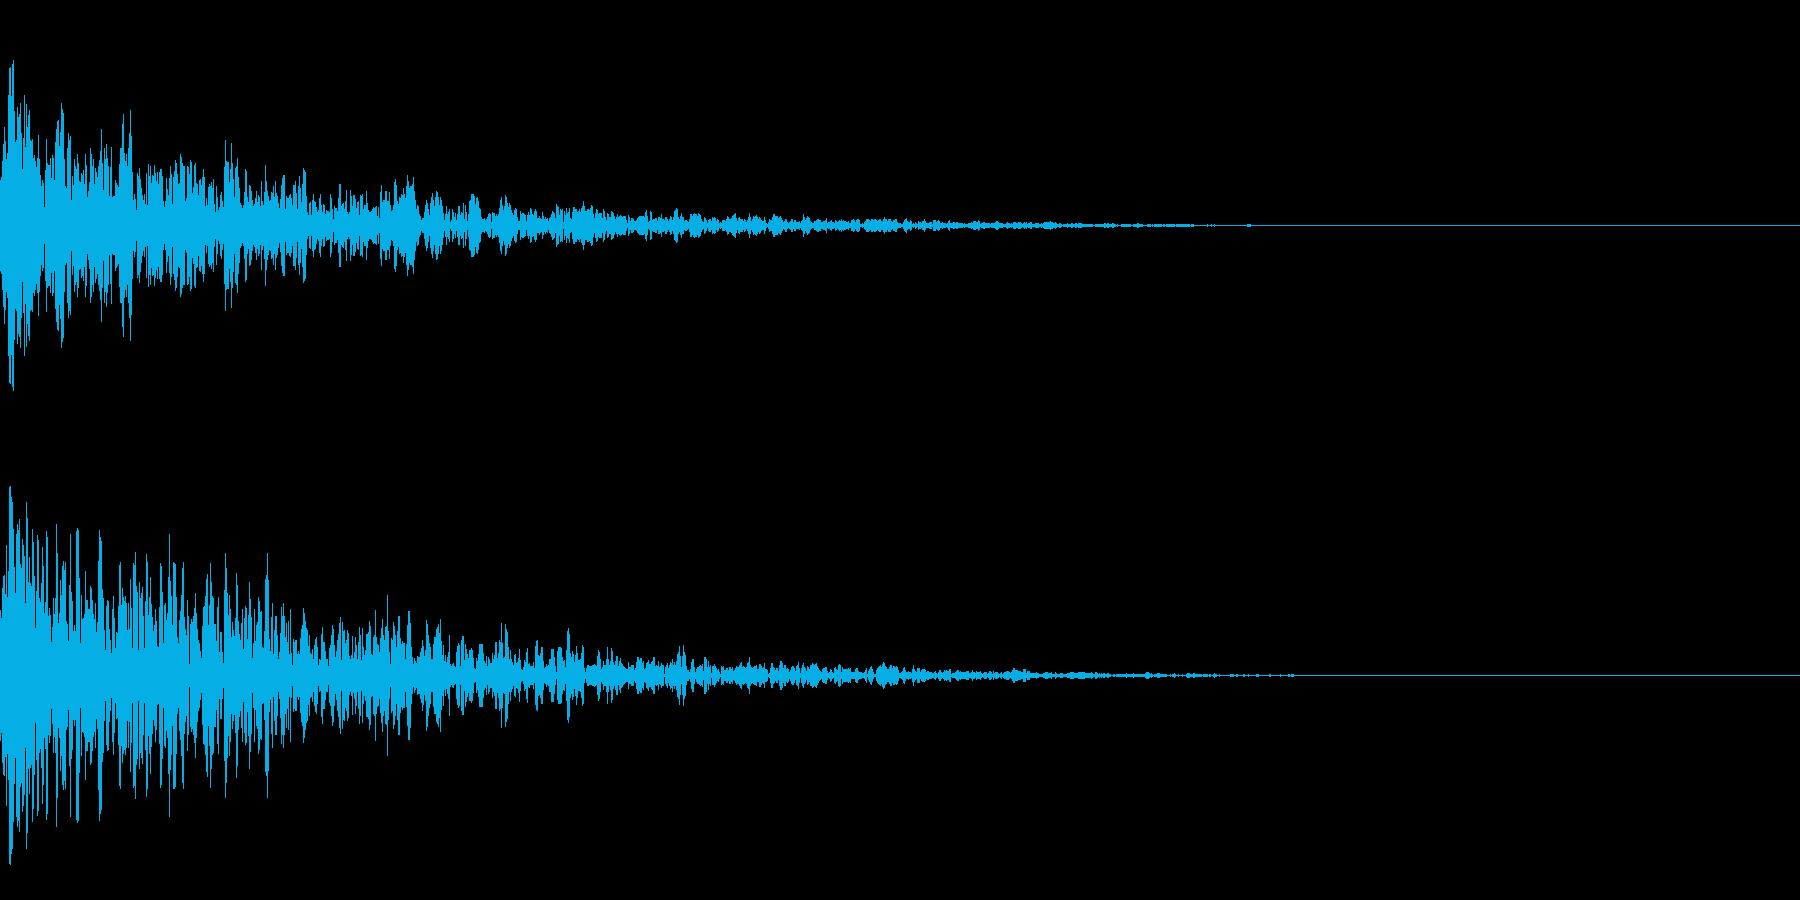 ドーン-08-1(インパクト音)の再生済みの波形